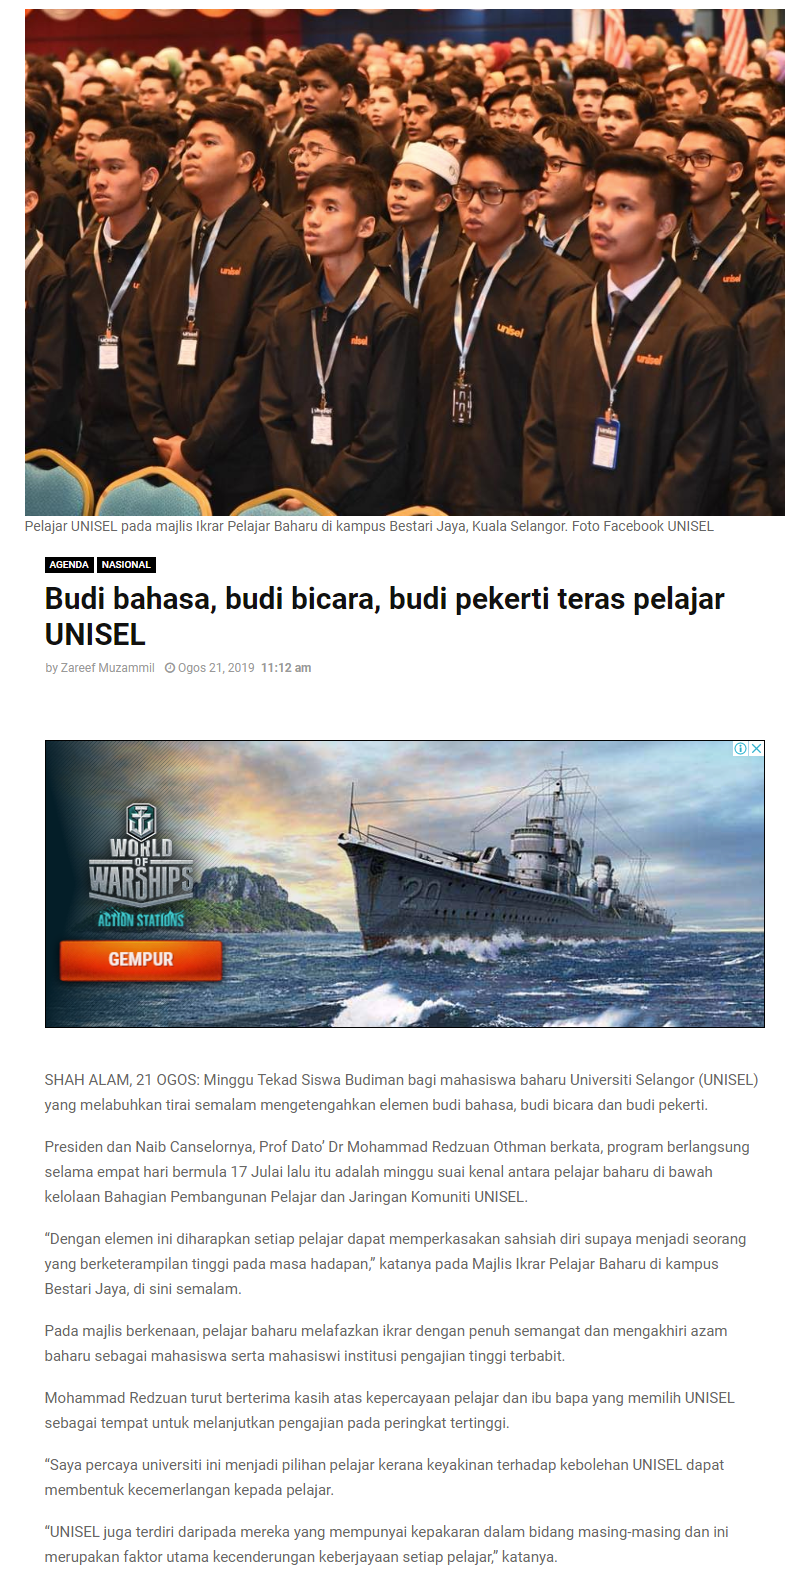 Selangor Kini (Online) 21 Ogos 2019